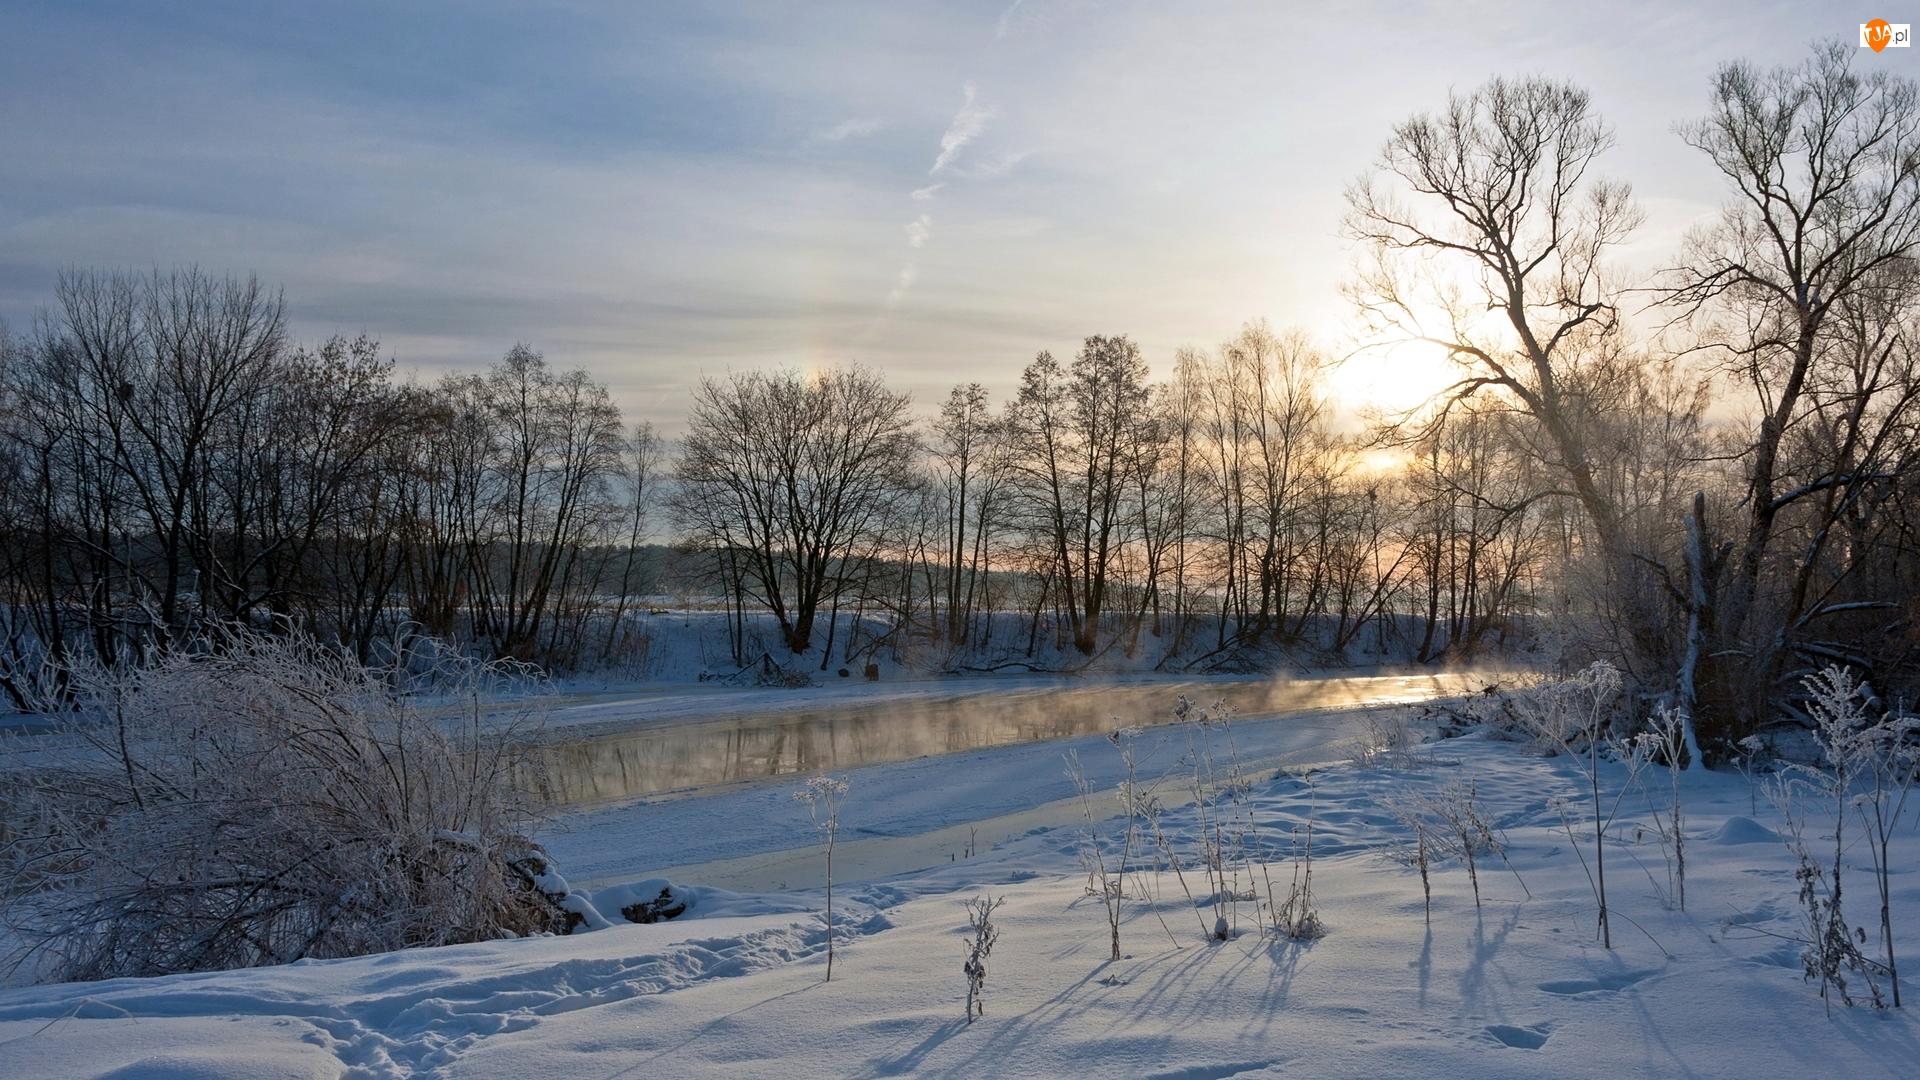 Drzewa, Śnieg, Rzeka, Zima, Krzewy